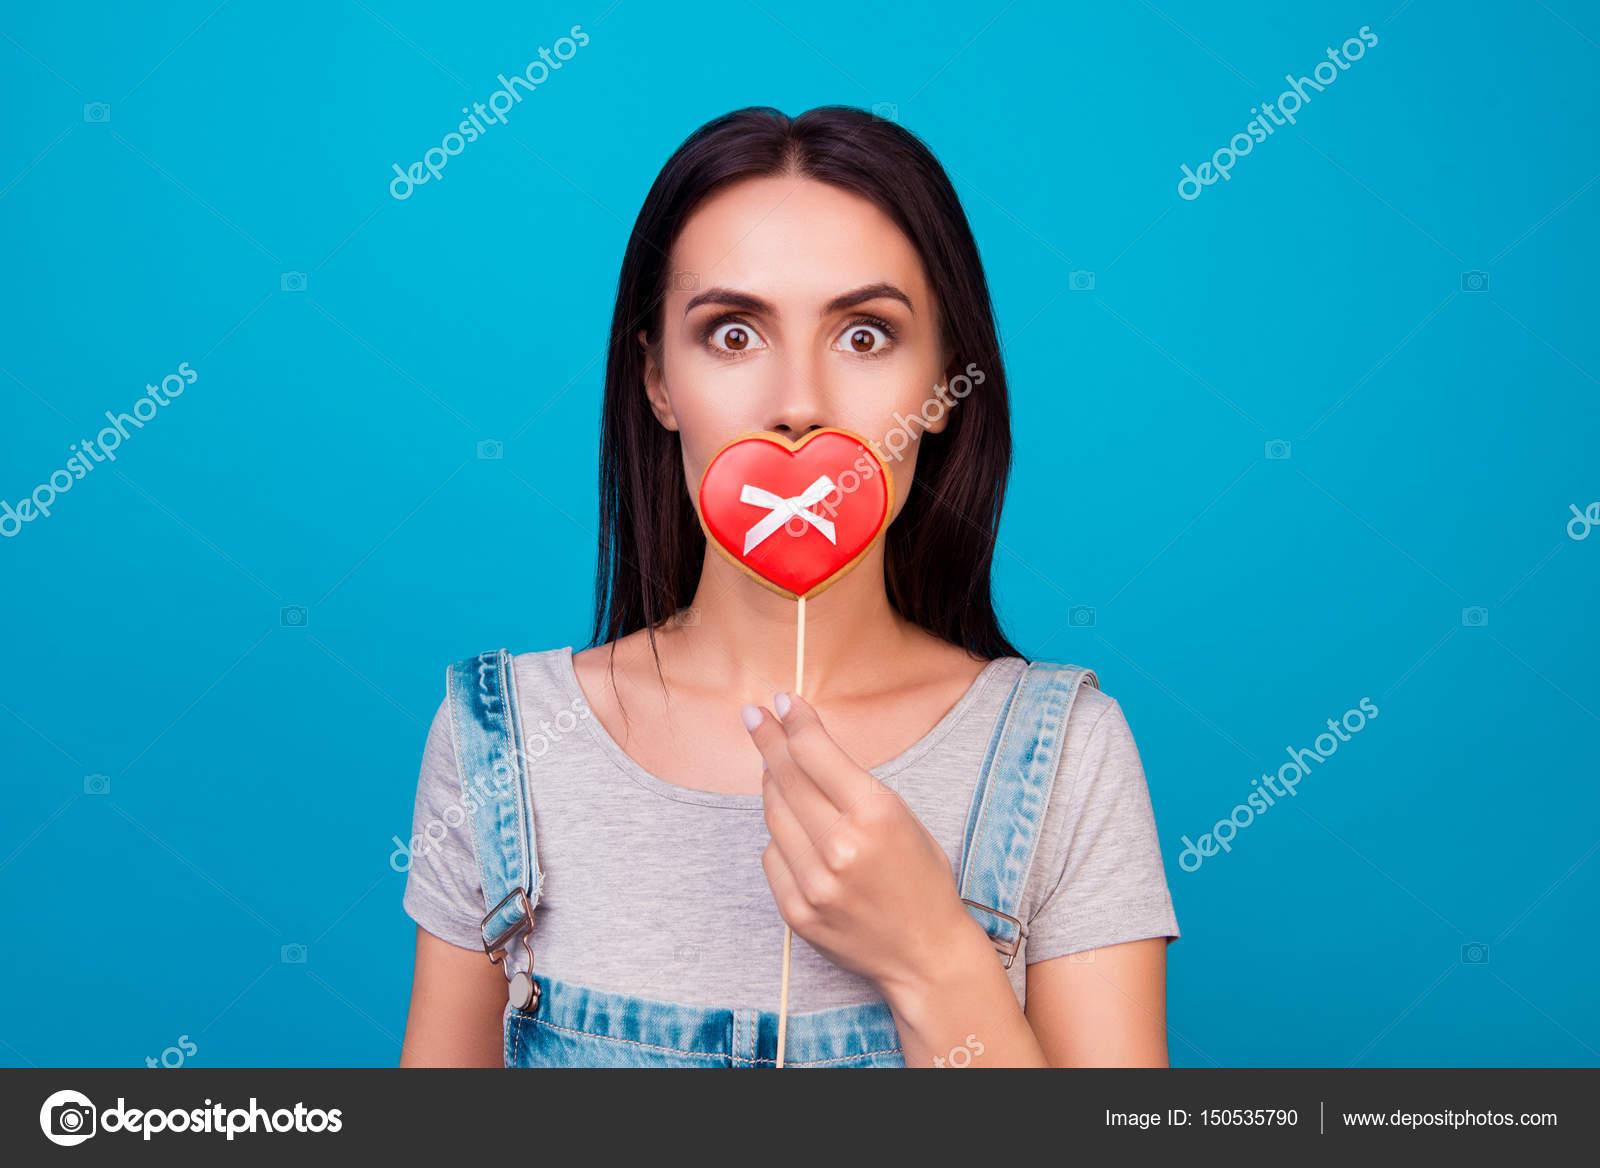 Junge fröhliche Frau auf blauem Hintergrund schließen den Mund mit c ...